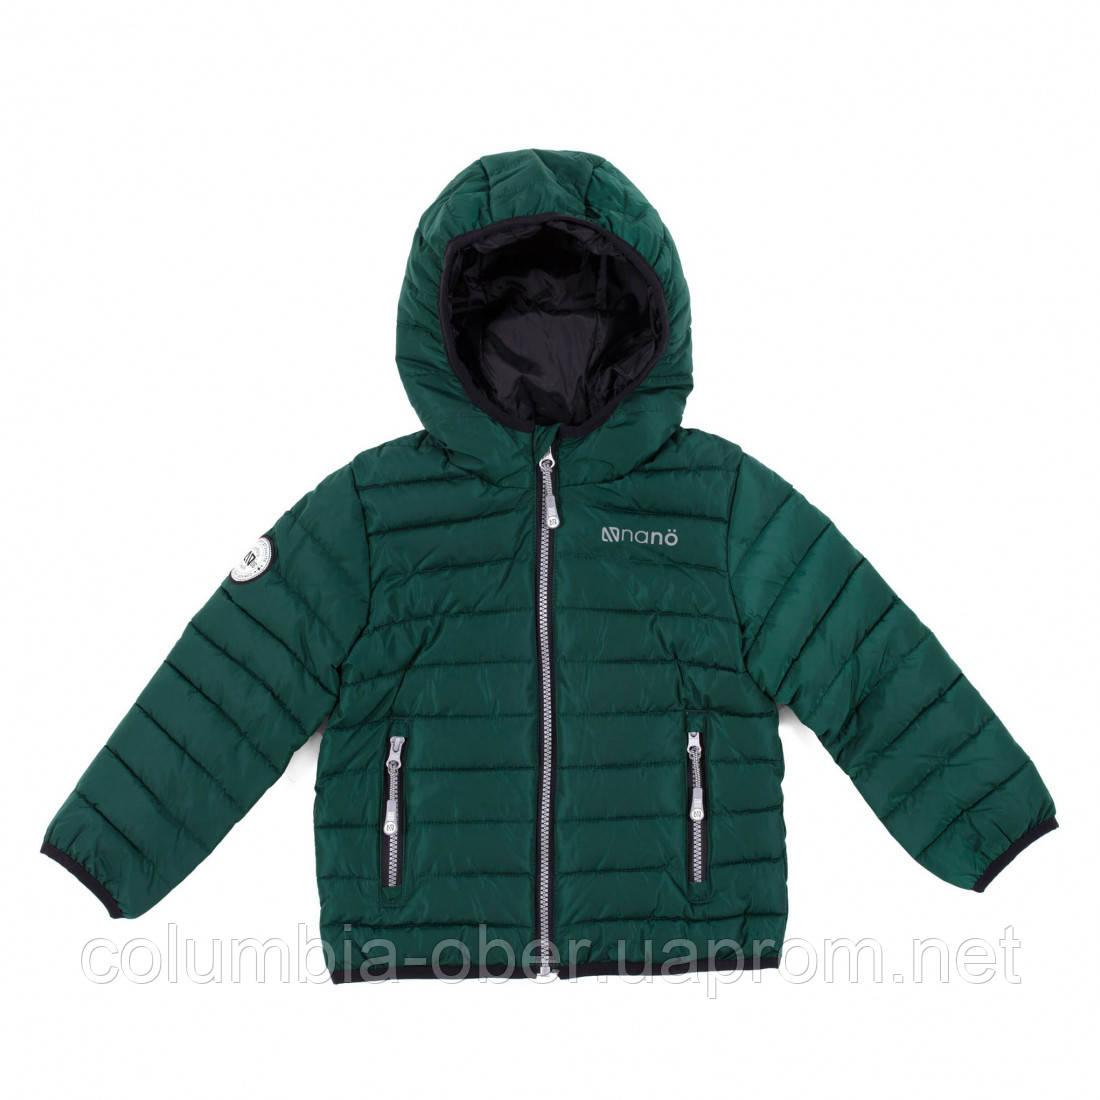 Демисезонная куртка для мальчика F20M1251 RoyalGreen. Размеры 2 - 14 лет.